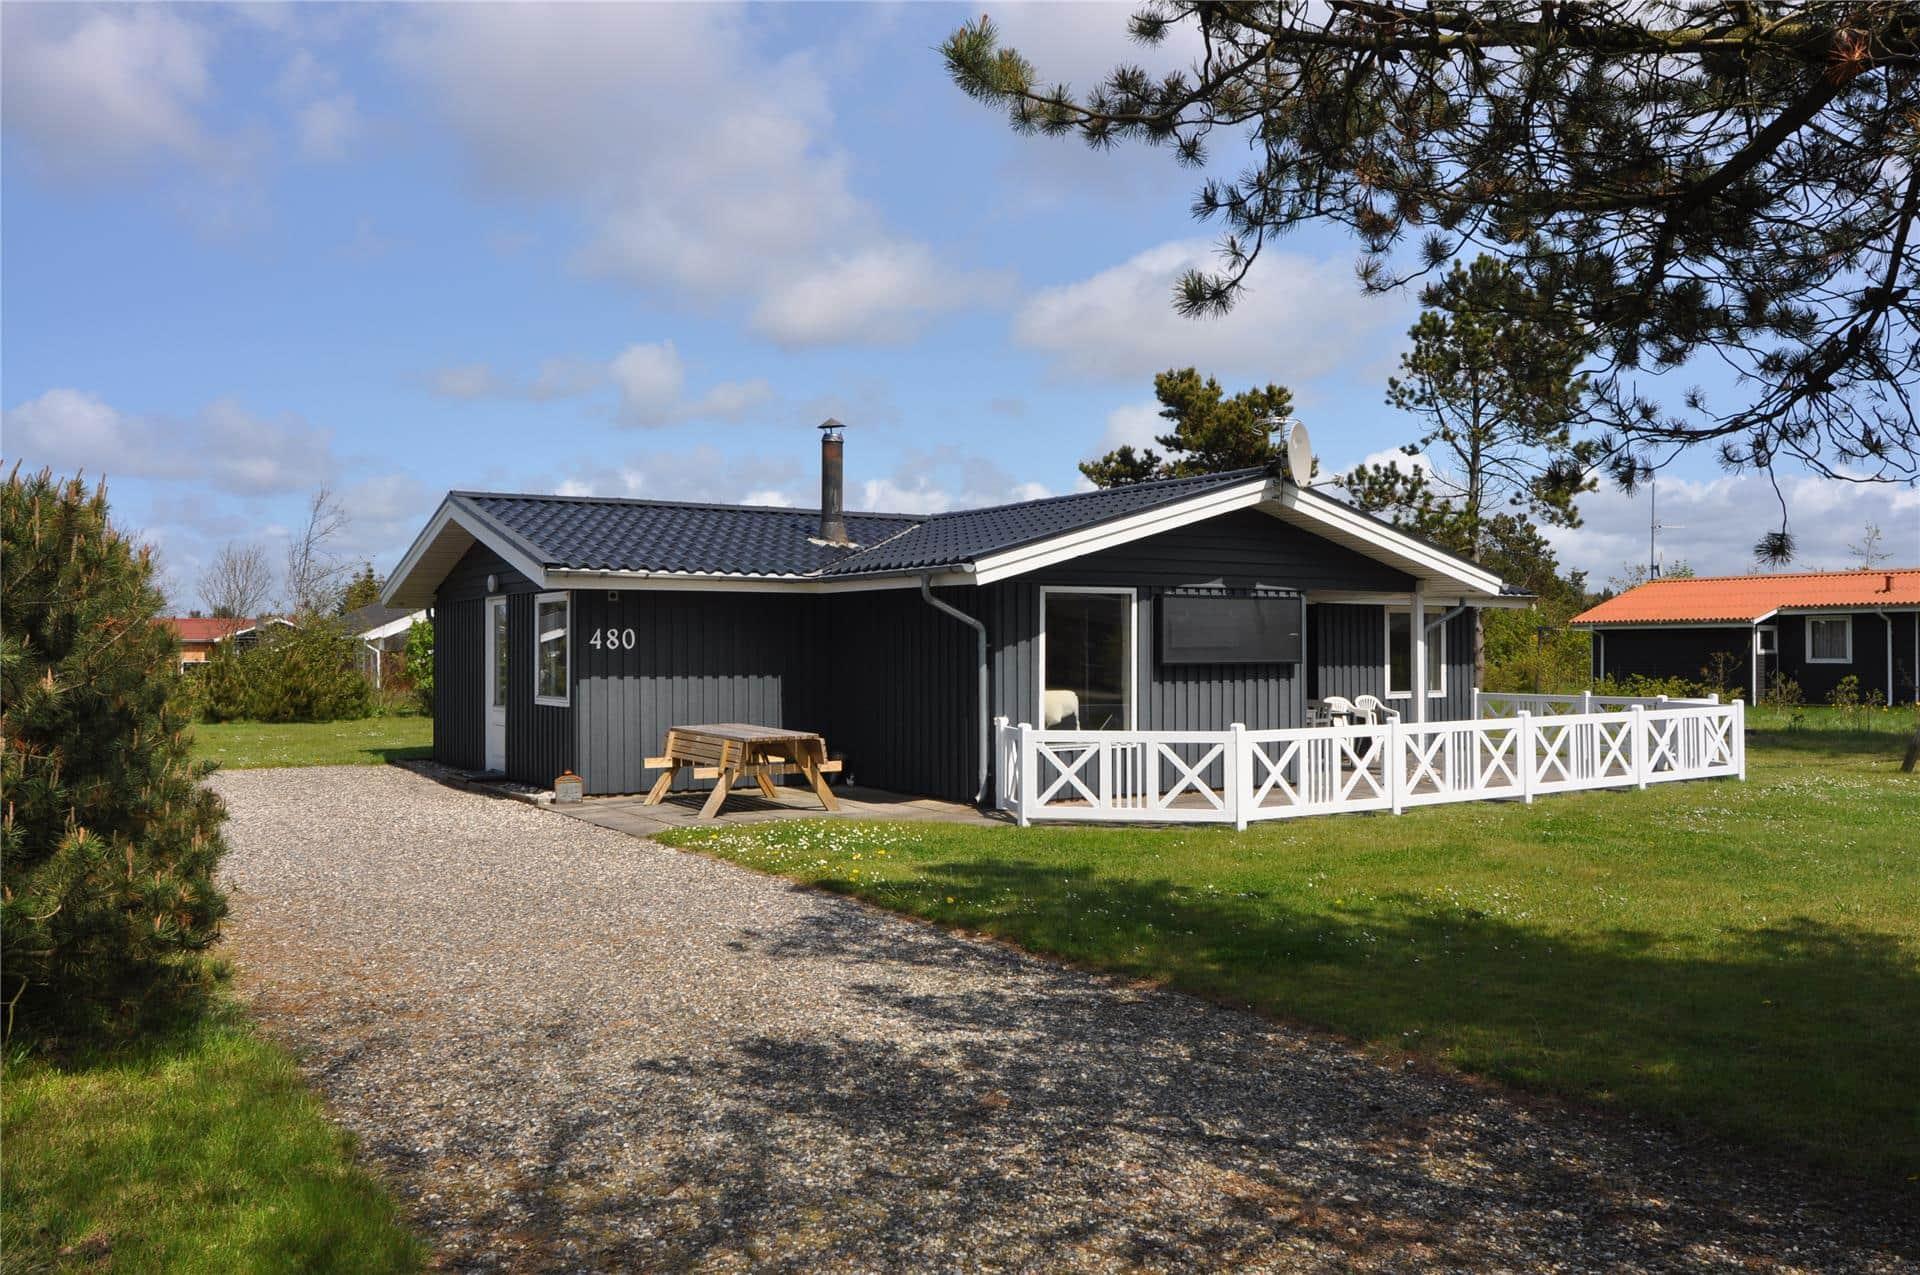 Afbeelding 1-175 Vakantiehuis 30826, Kløvervej 480, DK - 6990 Ulfborg